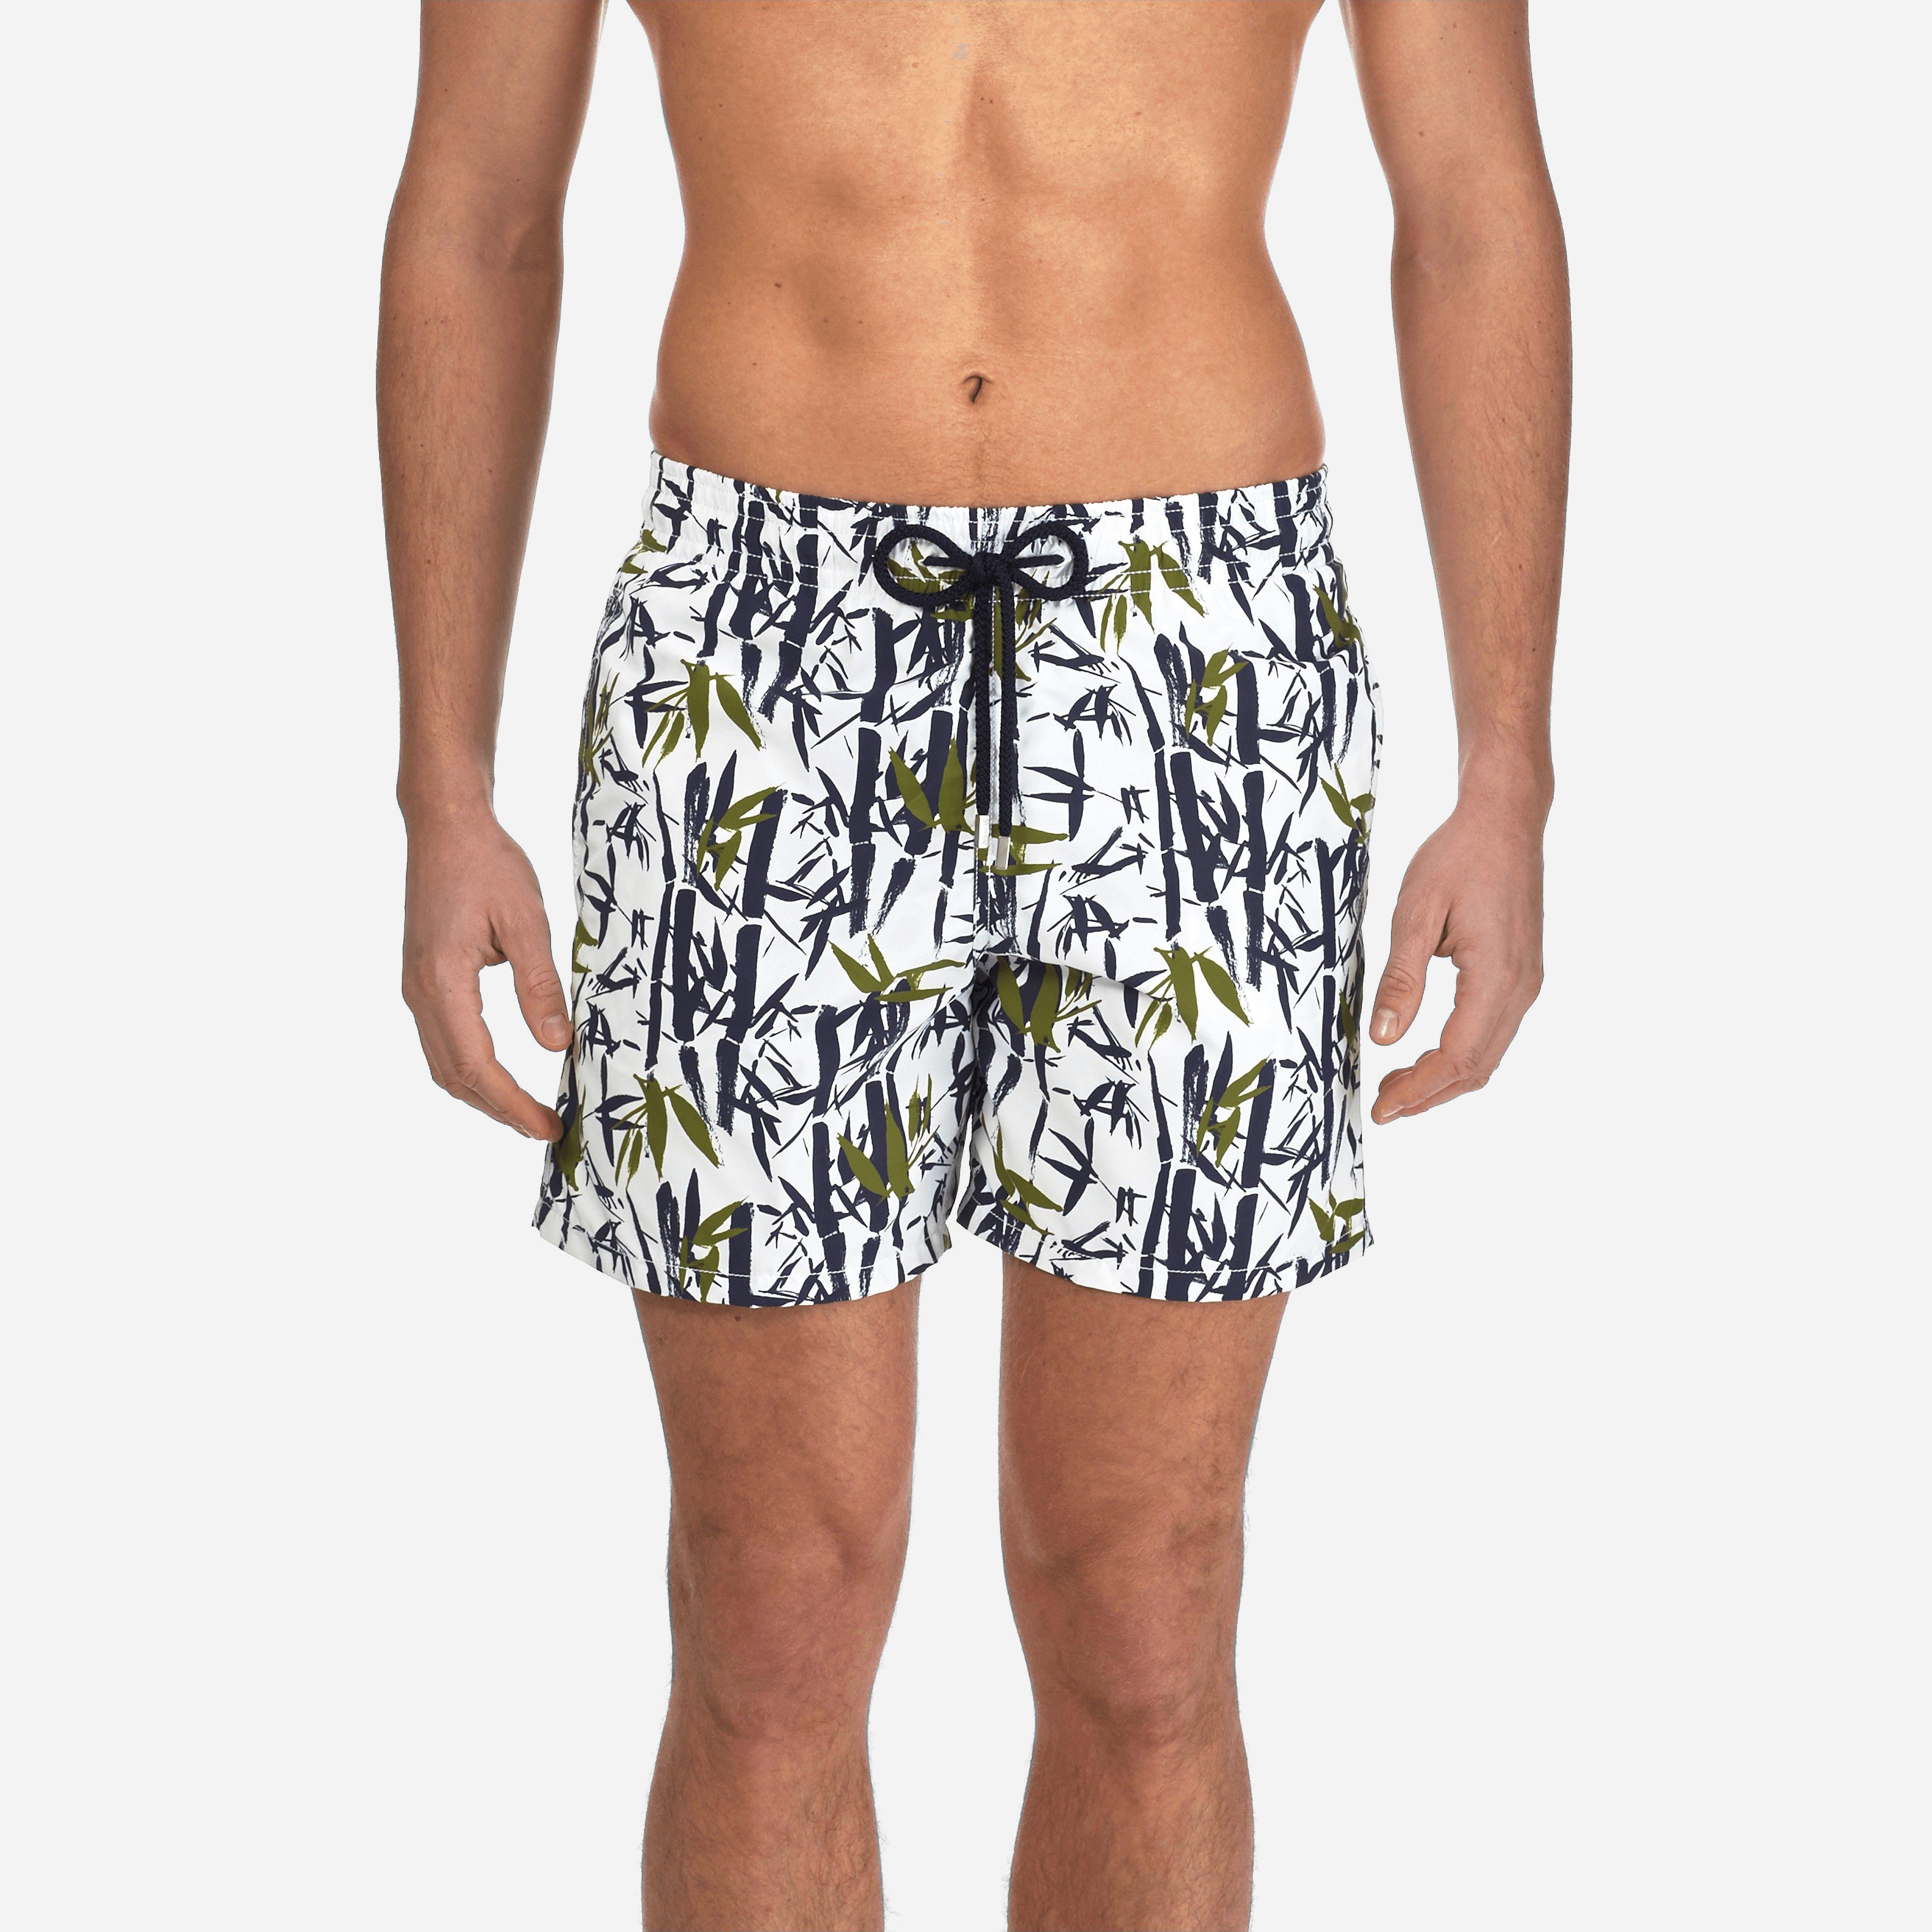 8c8b1246be Vilebrequin Men Swimtrunks Bamboo Song, Style: Moorea - White Xxxl ...